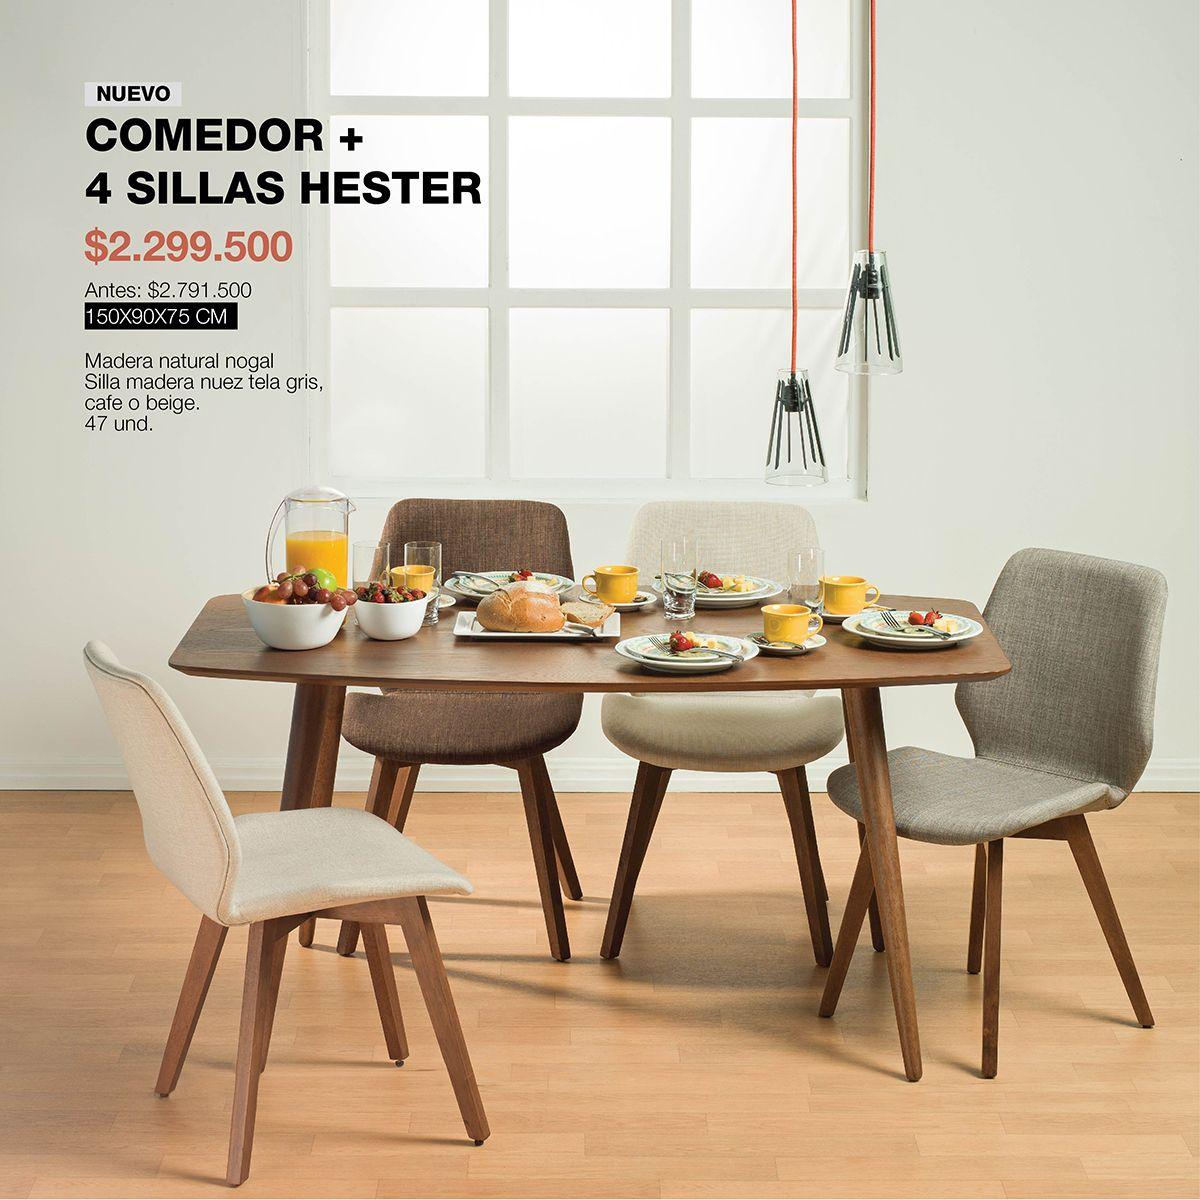 Comedor y sillas hester dise ado en madera natural con for Comedor pequea o 4 sillas